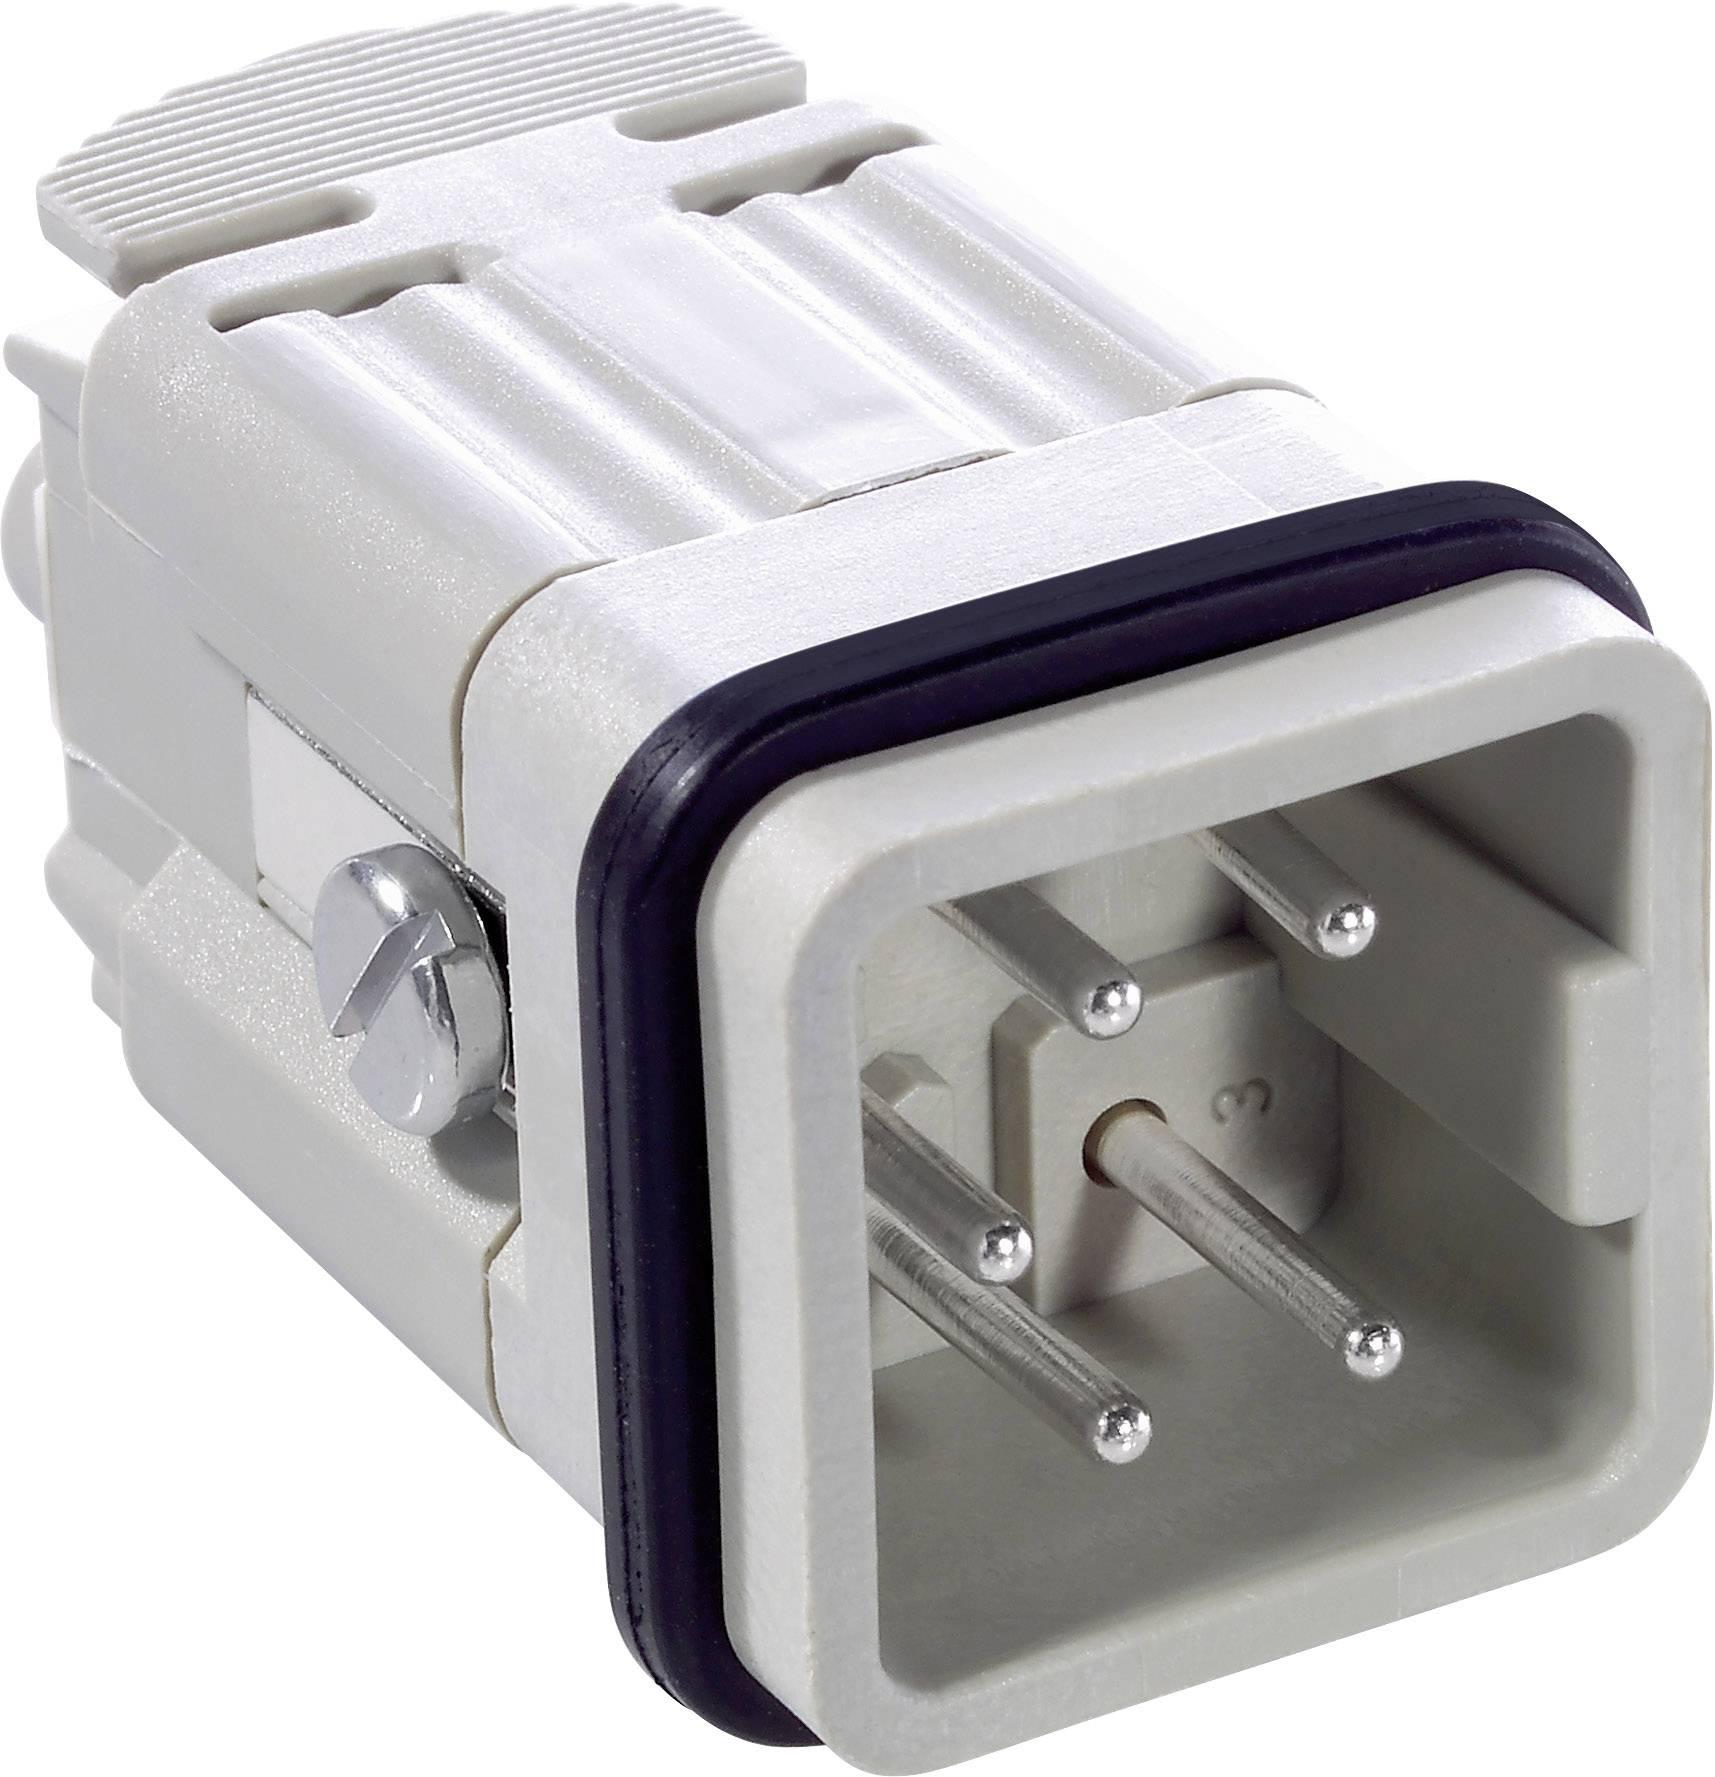 Vložka pinového konektoru EPIC® H-A 4 10431000 LappKabel počet kontaktů 4 + PE 1 ks